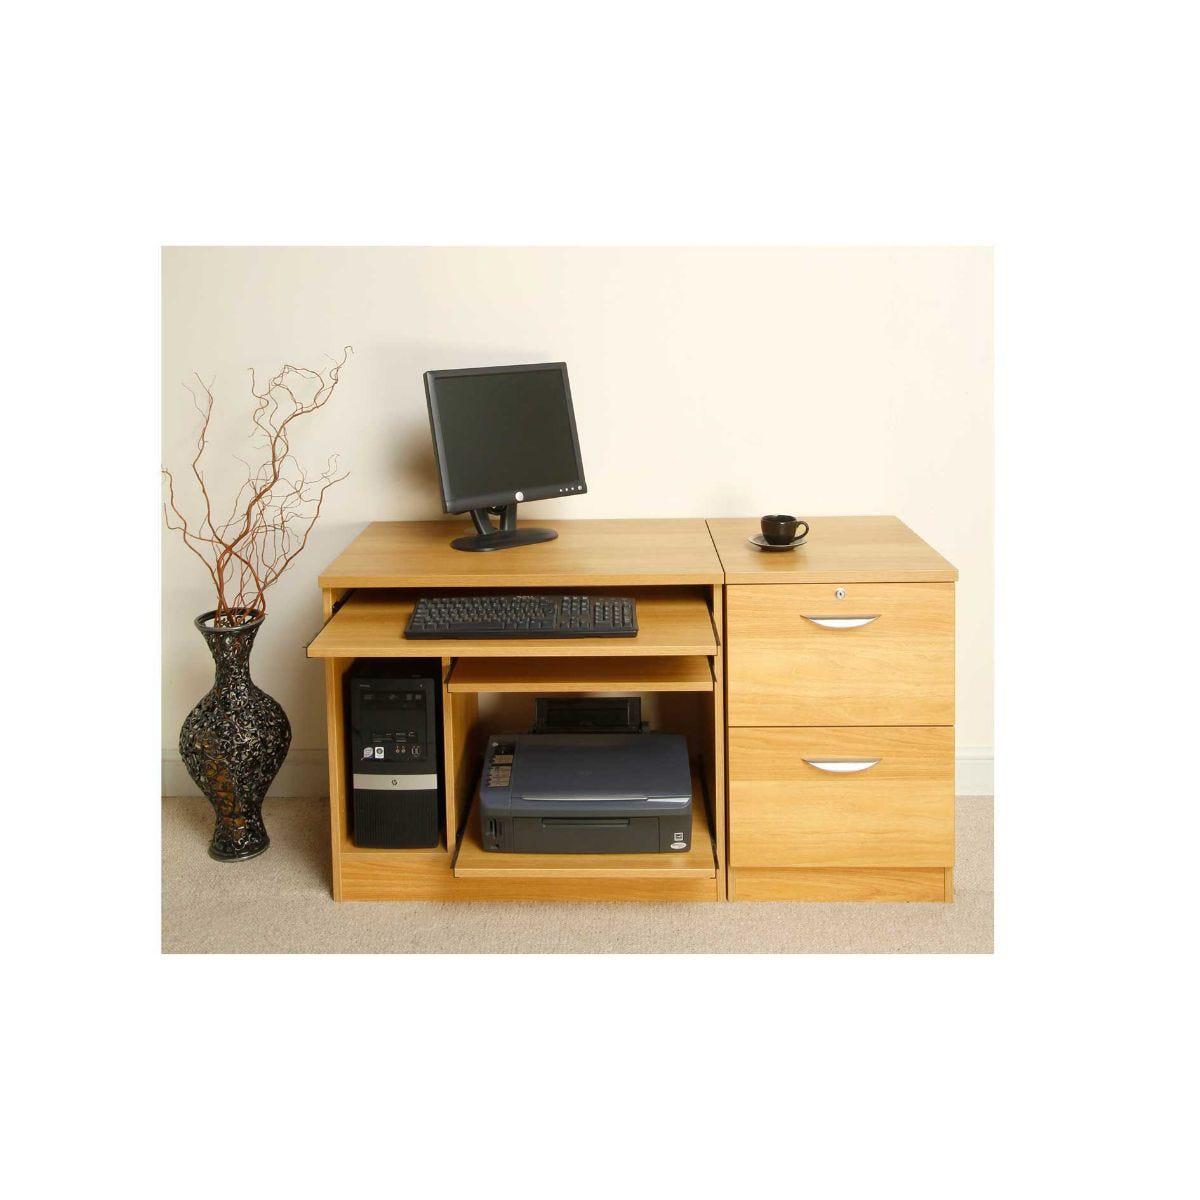 R White Lawrence Desk Workstation, Walnut